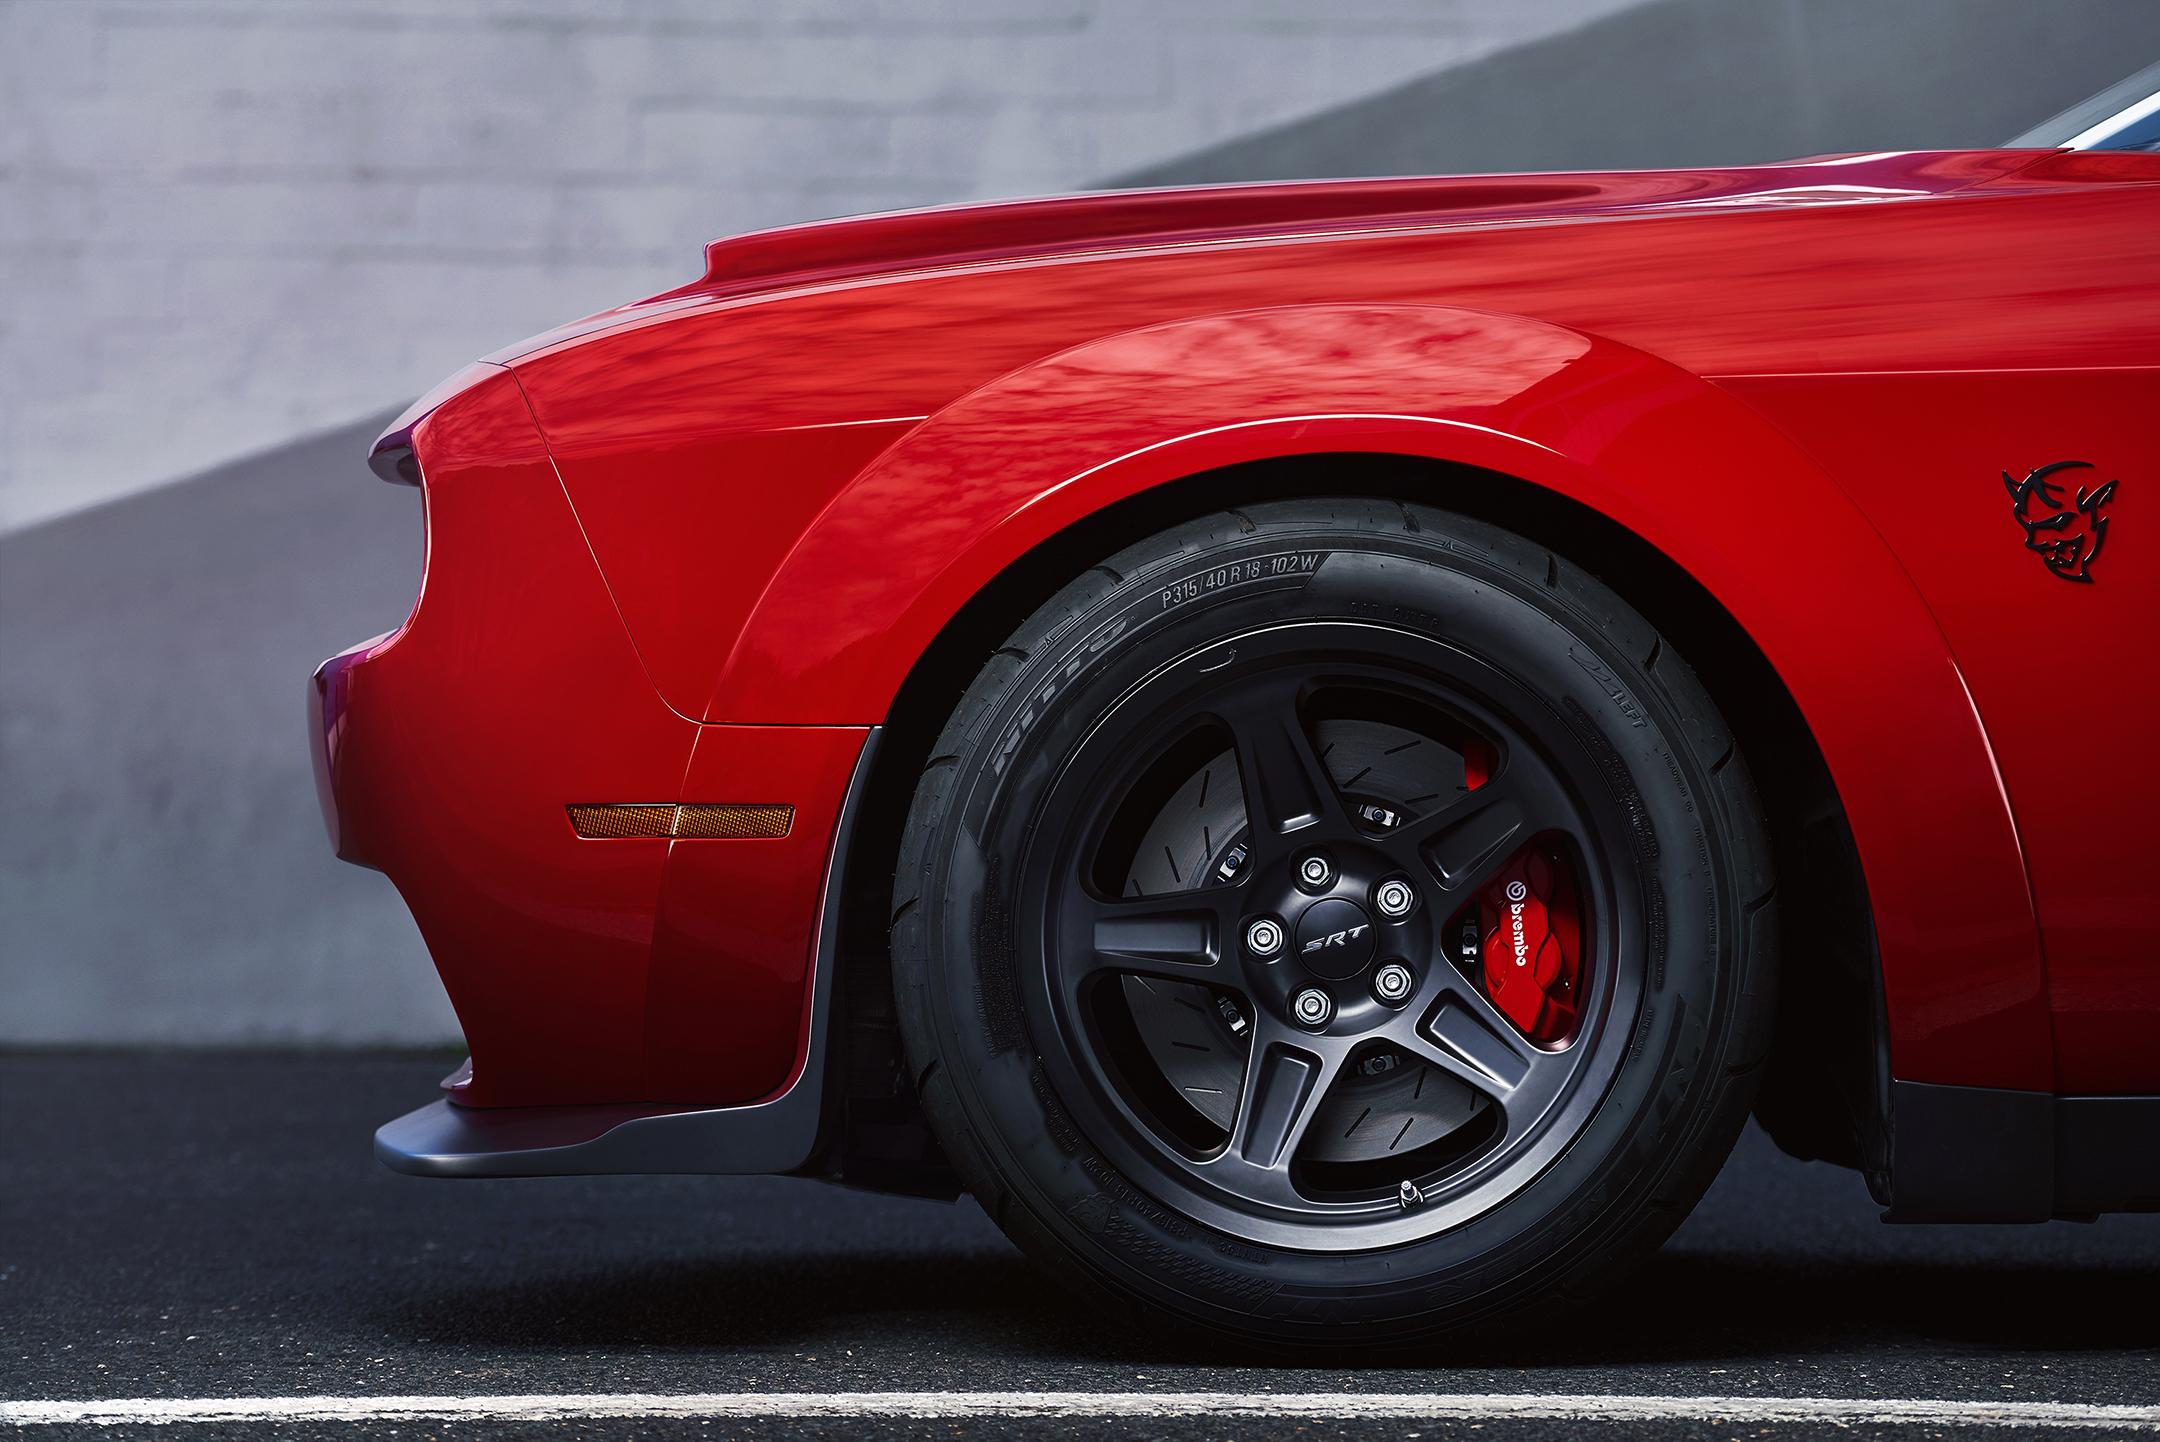 Dodge Challenger SRT Demon : 840hp supercharged 6 2L HEMI V8